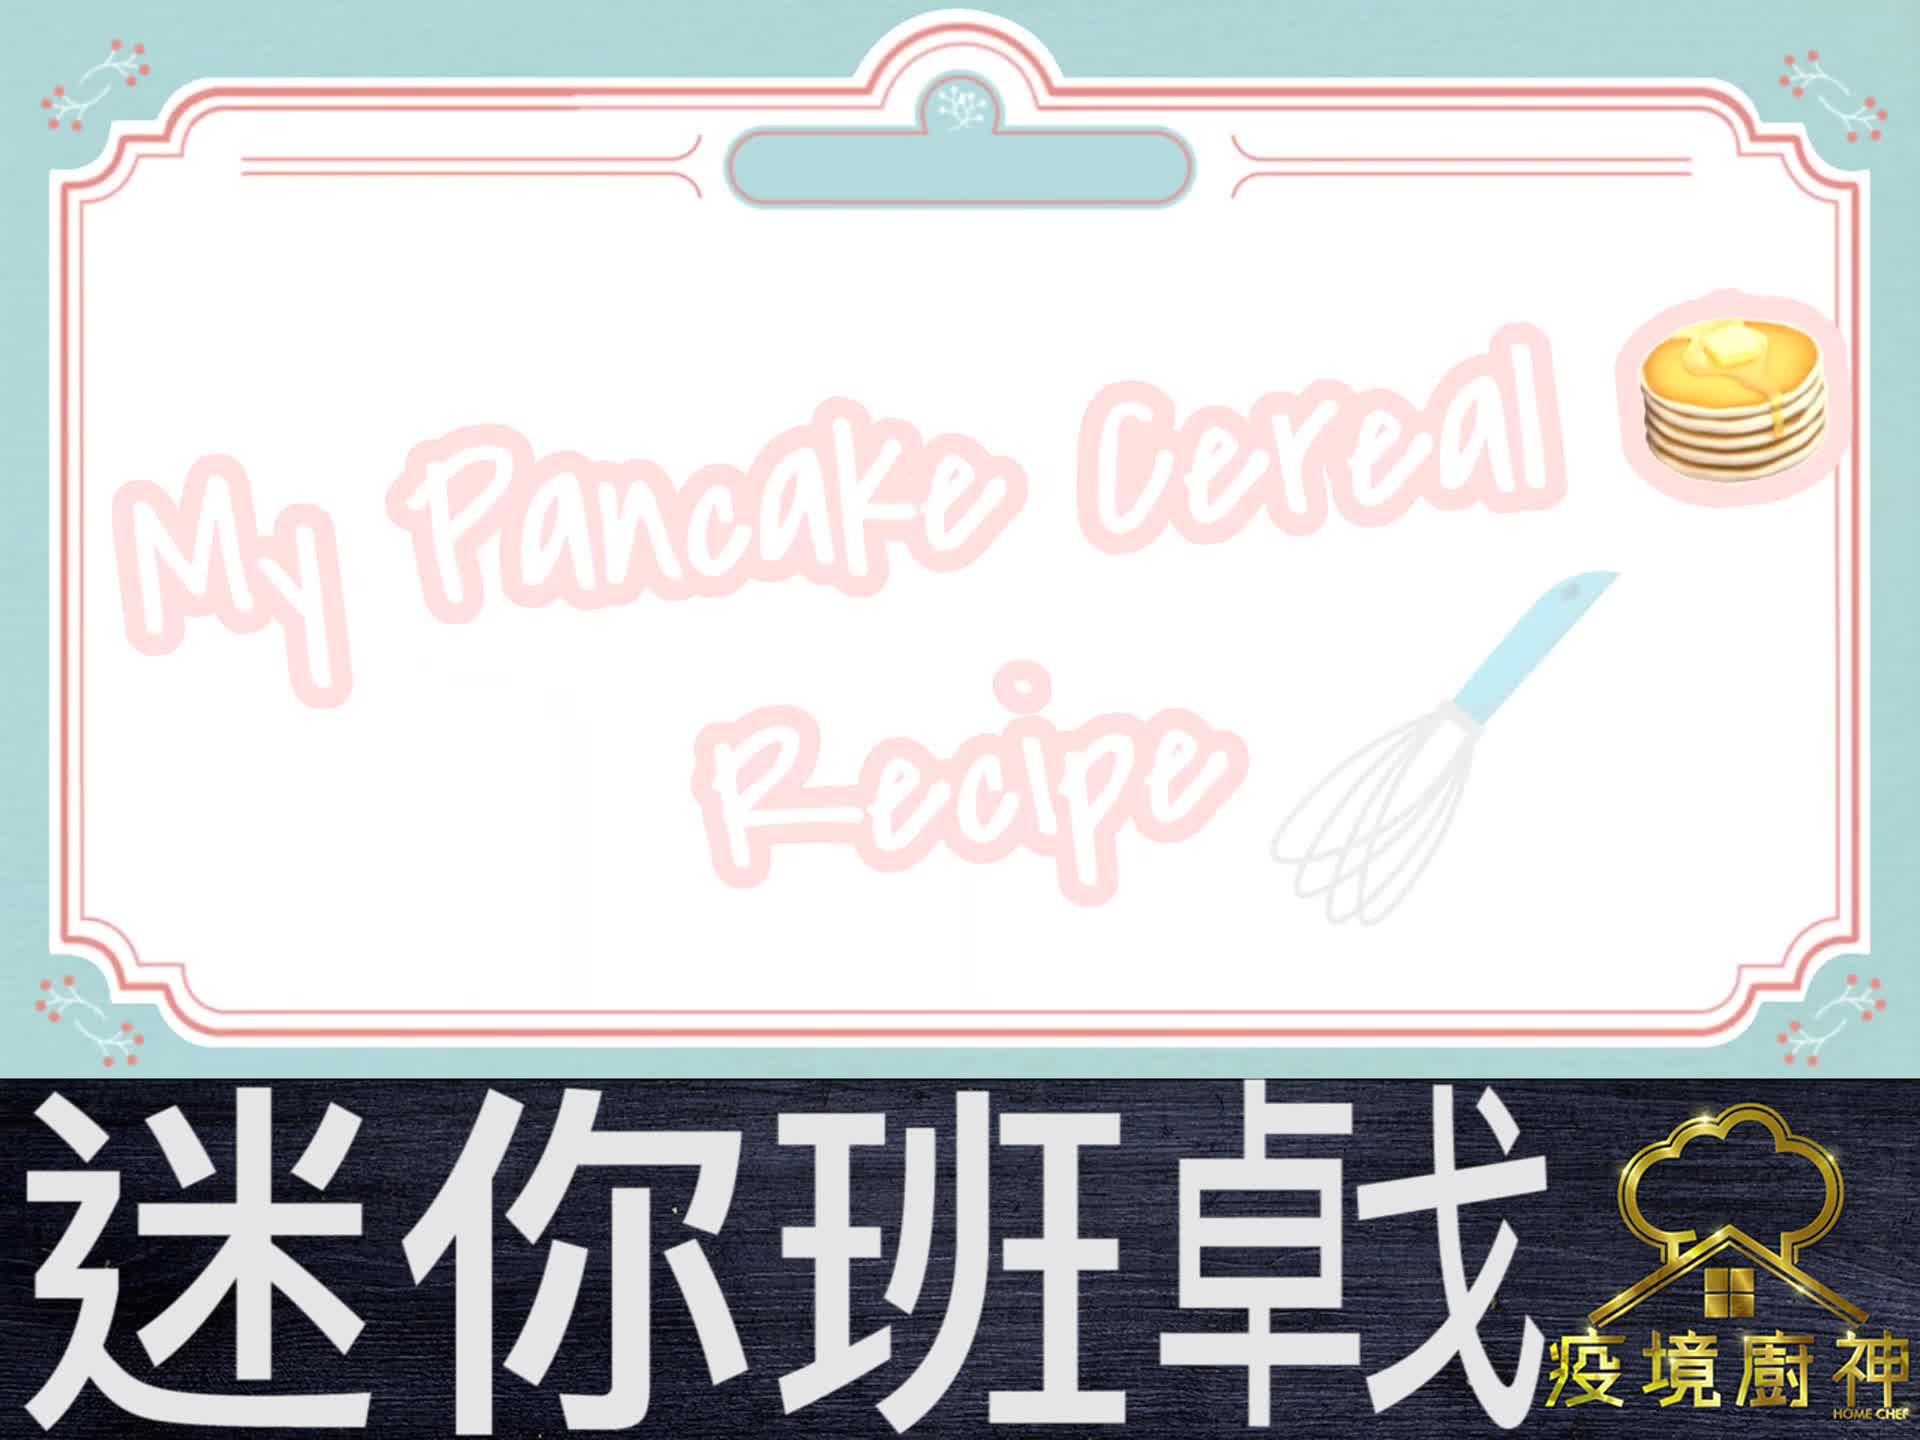 【迷你班㦸】班㦸新食法 用擠擠樽煎細細片當粟米片咁撈牛奶一樣得!